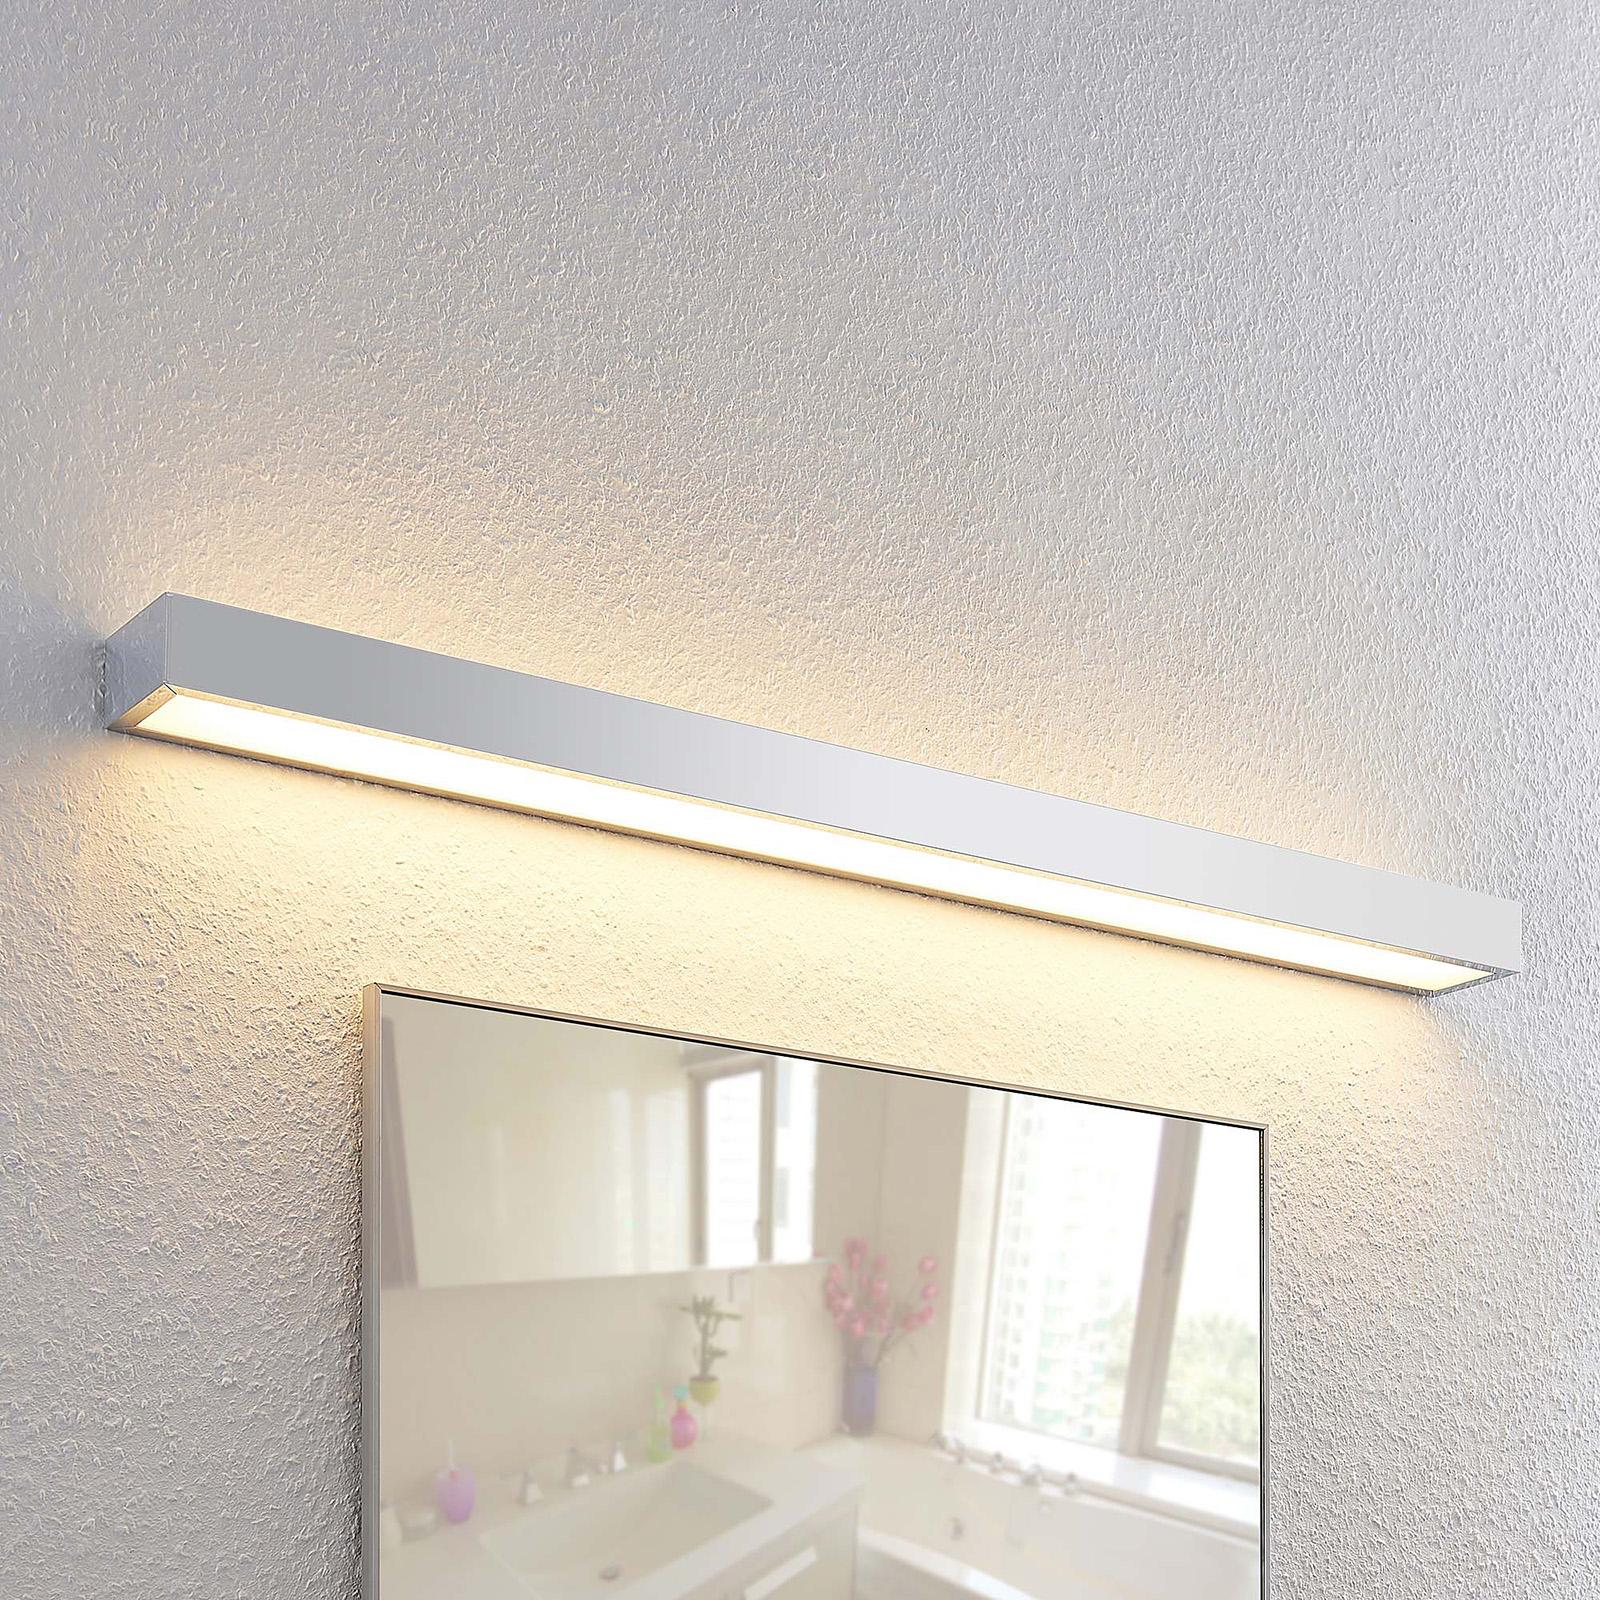 Lindby Layan LED nástěnné světlo, chrom, 90 cm